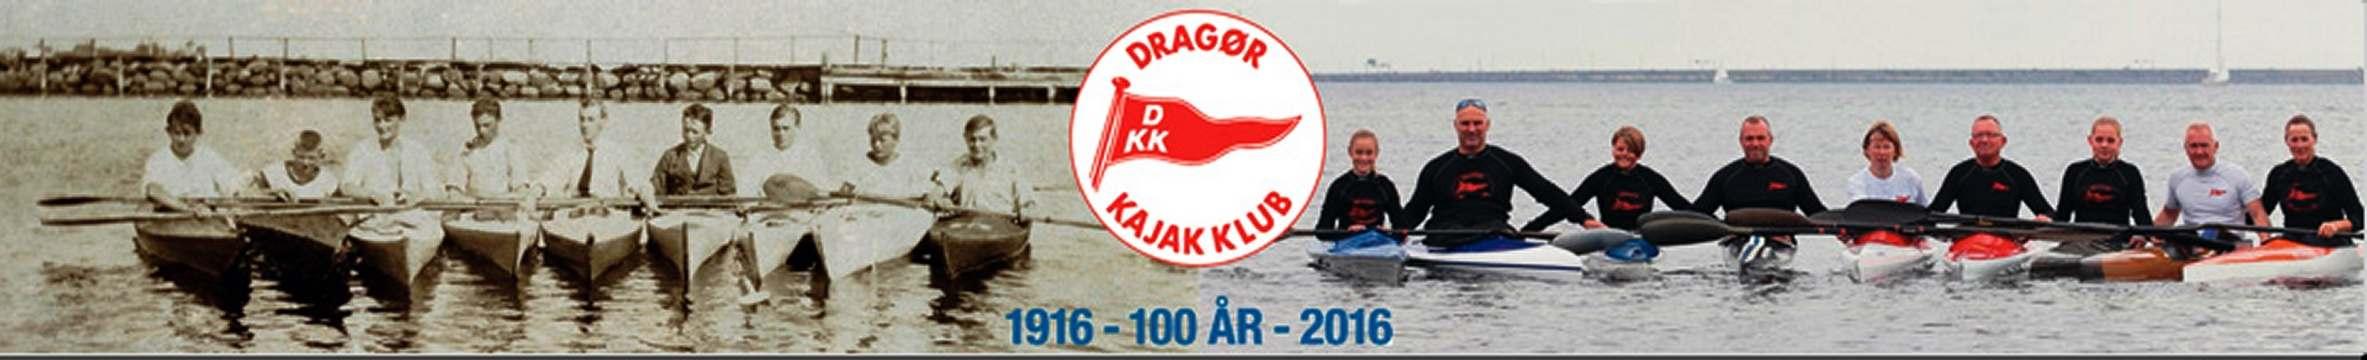 Foredrag Drag�r Kajakklub